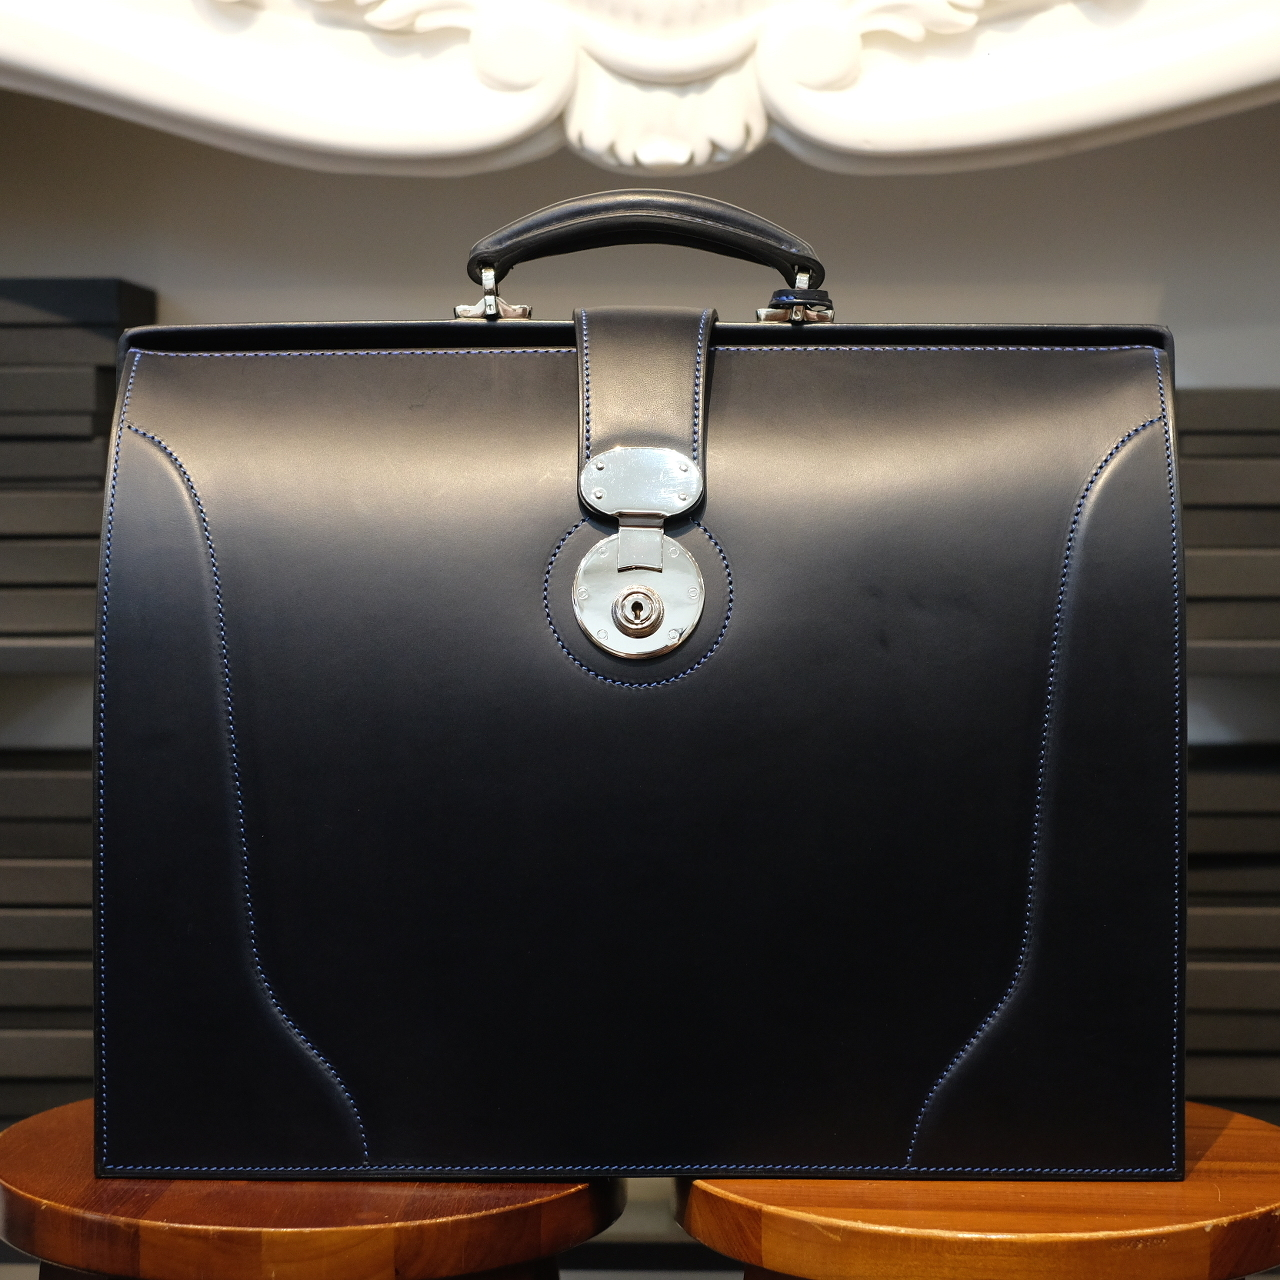 ル・ボナー 太マチダレスバッグ(3マチダレス)クラシック錠前 ネイビー